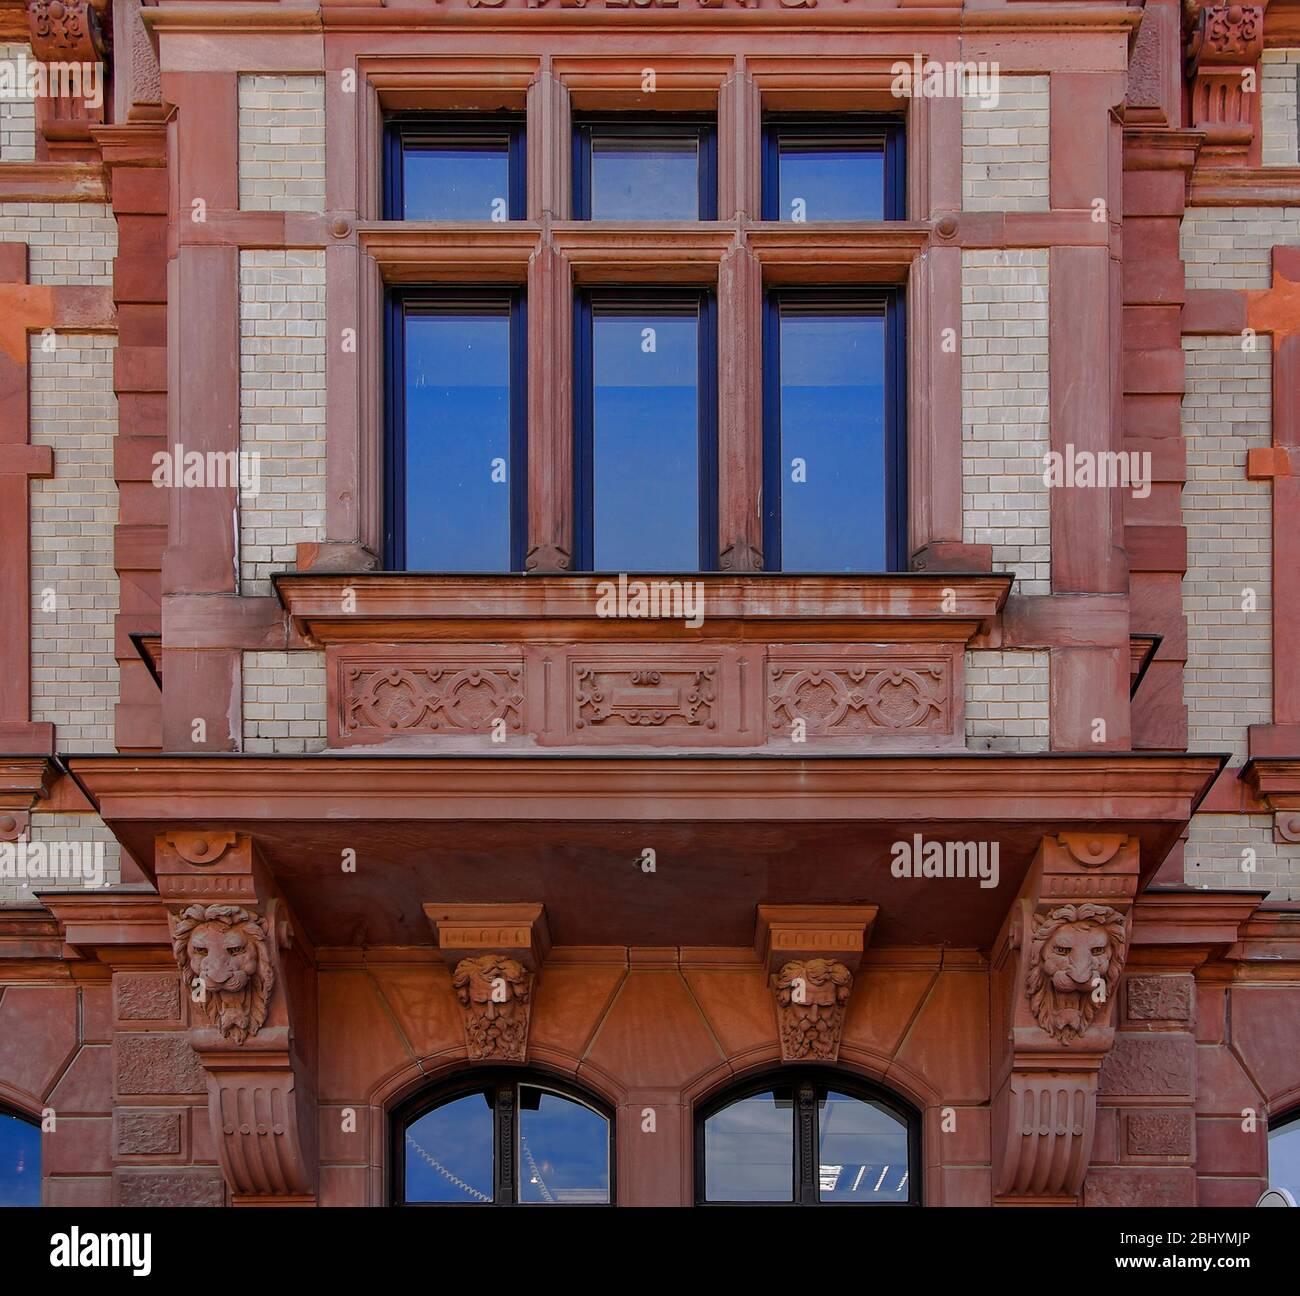 Historische Architektur der Ratsapotheke, Breite Straße 22, Stadt Wernigerode im Harz, Sachsen-Anhalt, Deutschland. Stockfoto